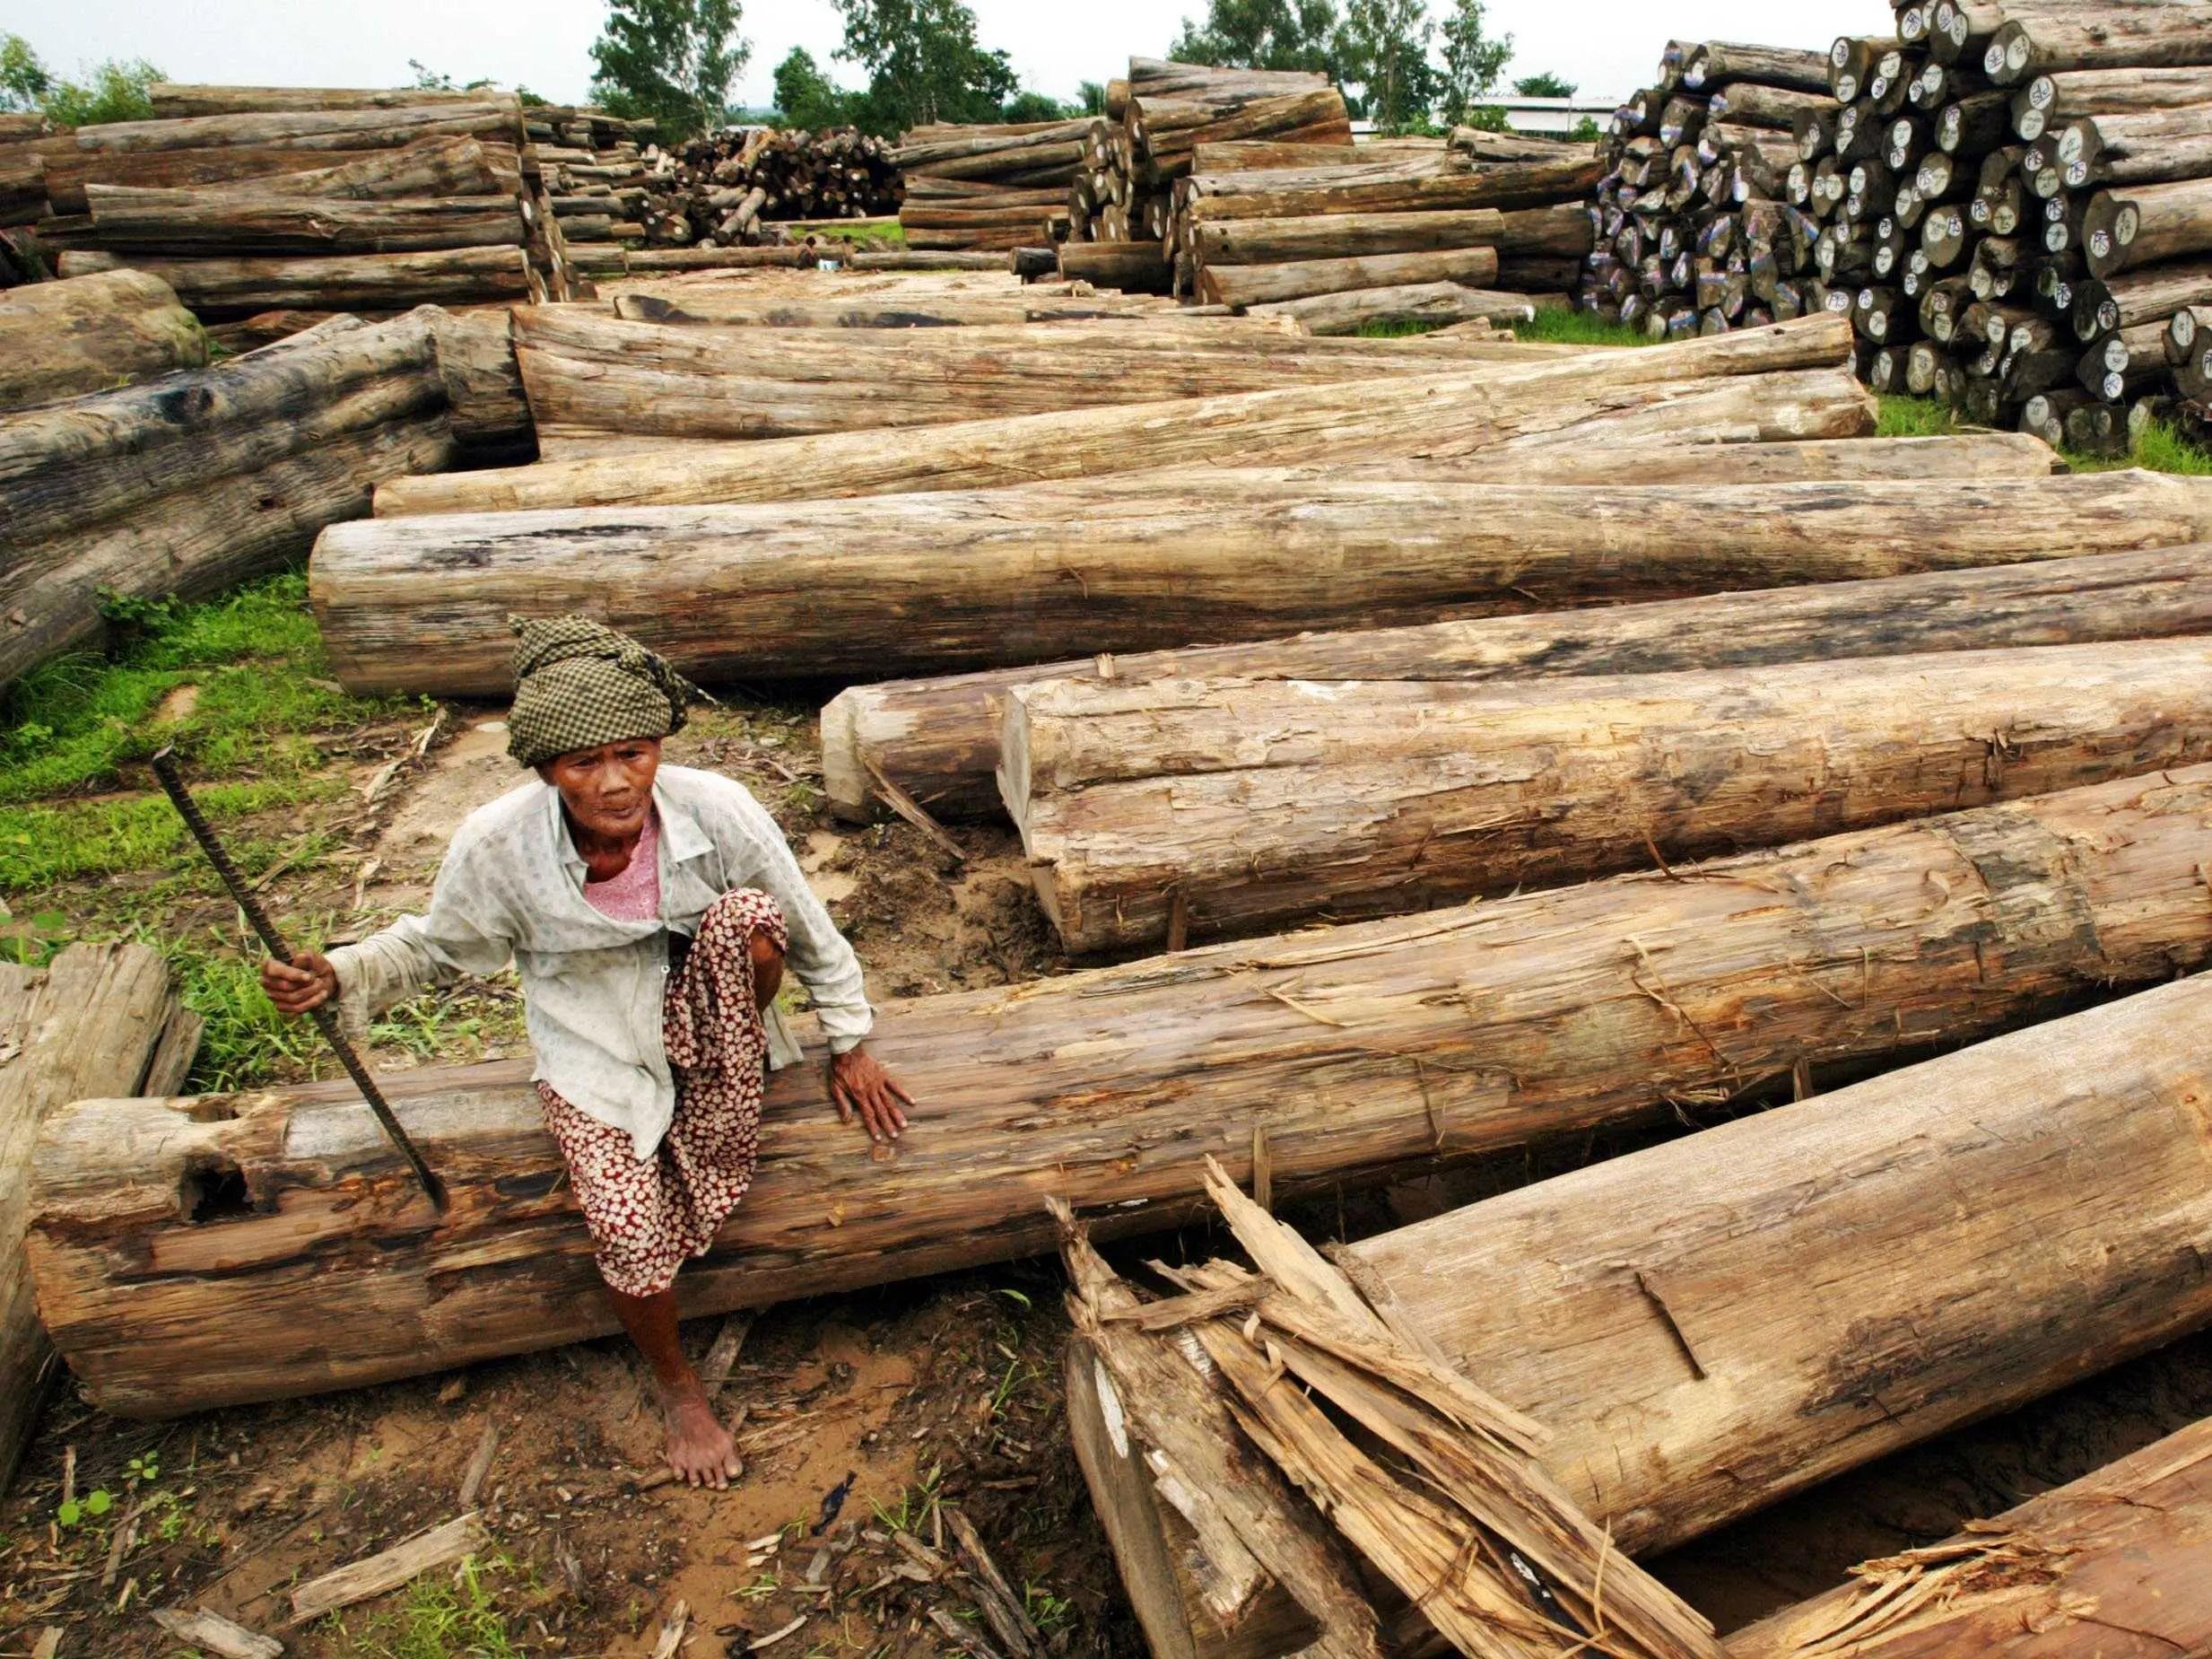 4. Myanmar/Burma